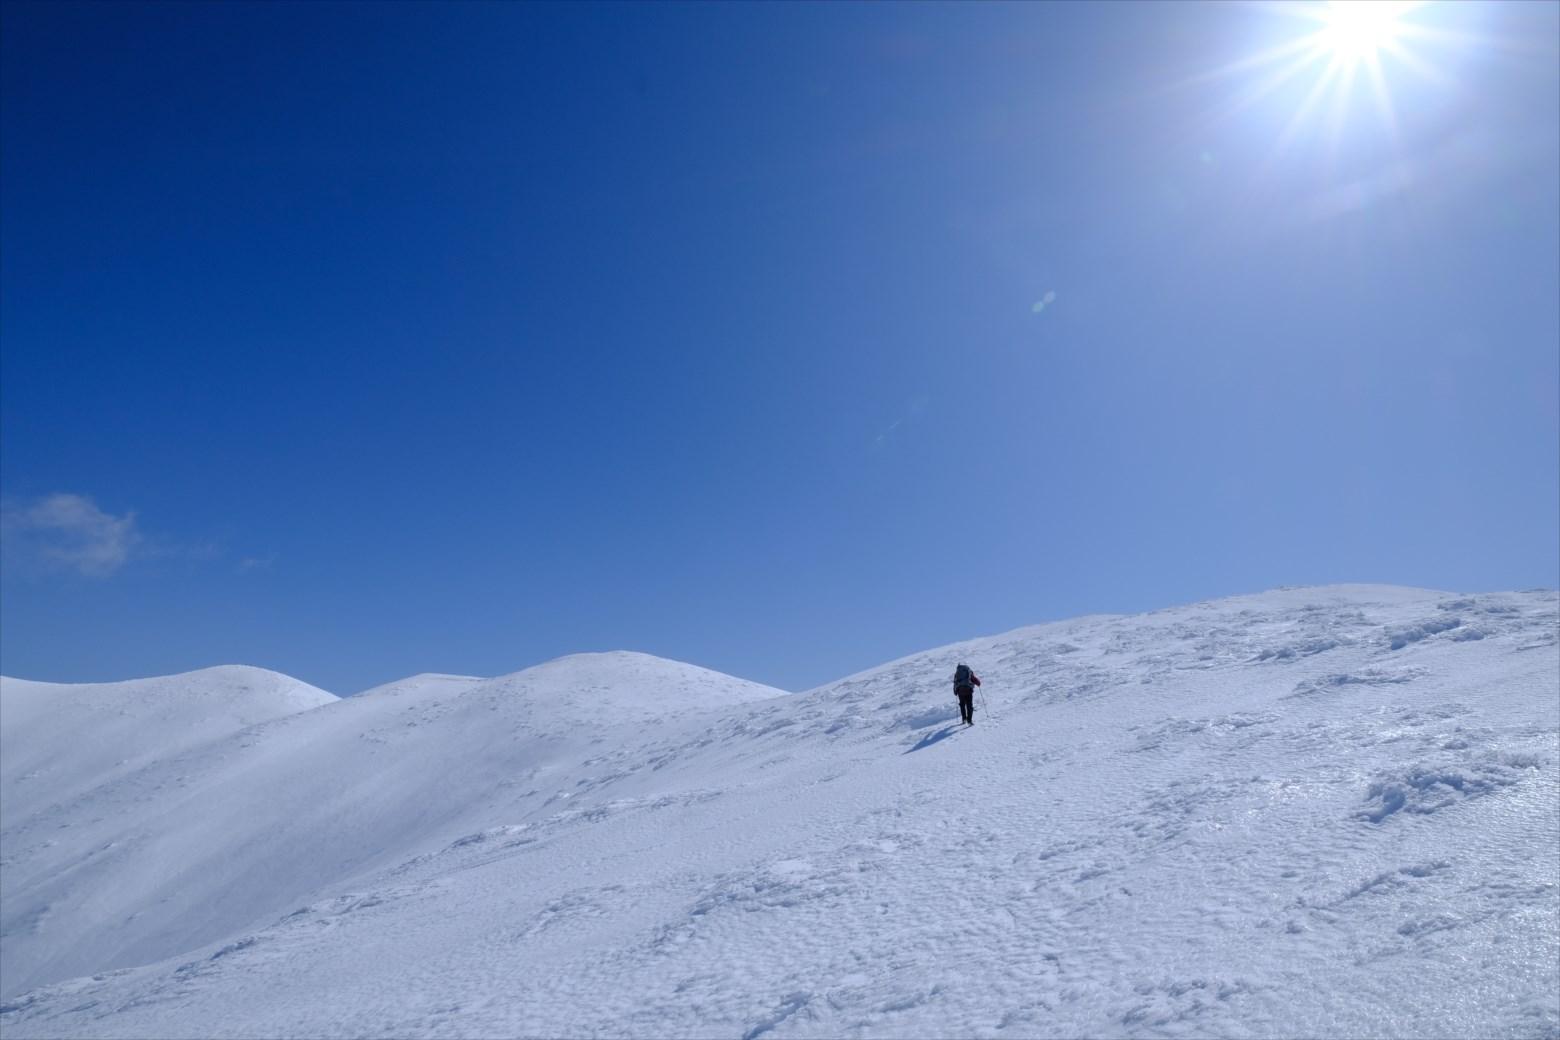 【厳冬期・雪山登山】仙ノ倉山 (30)